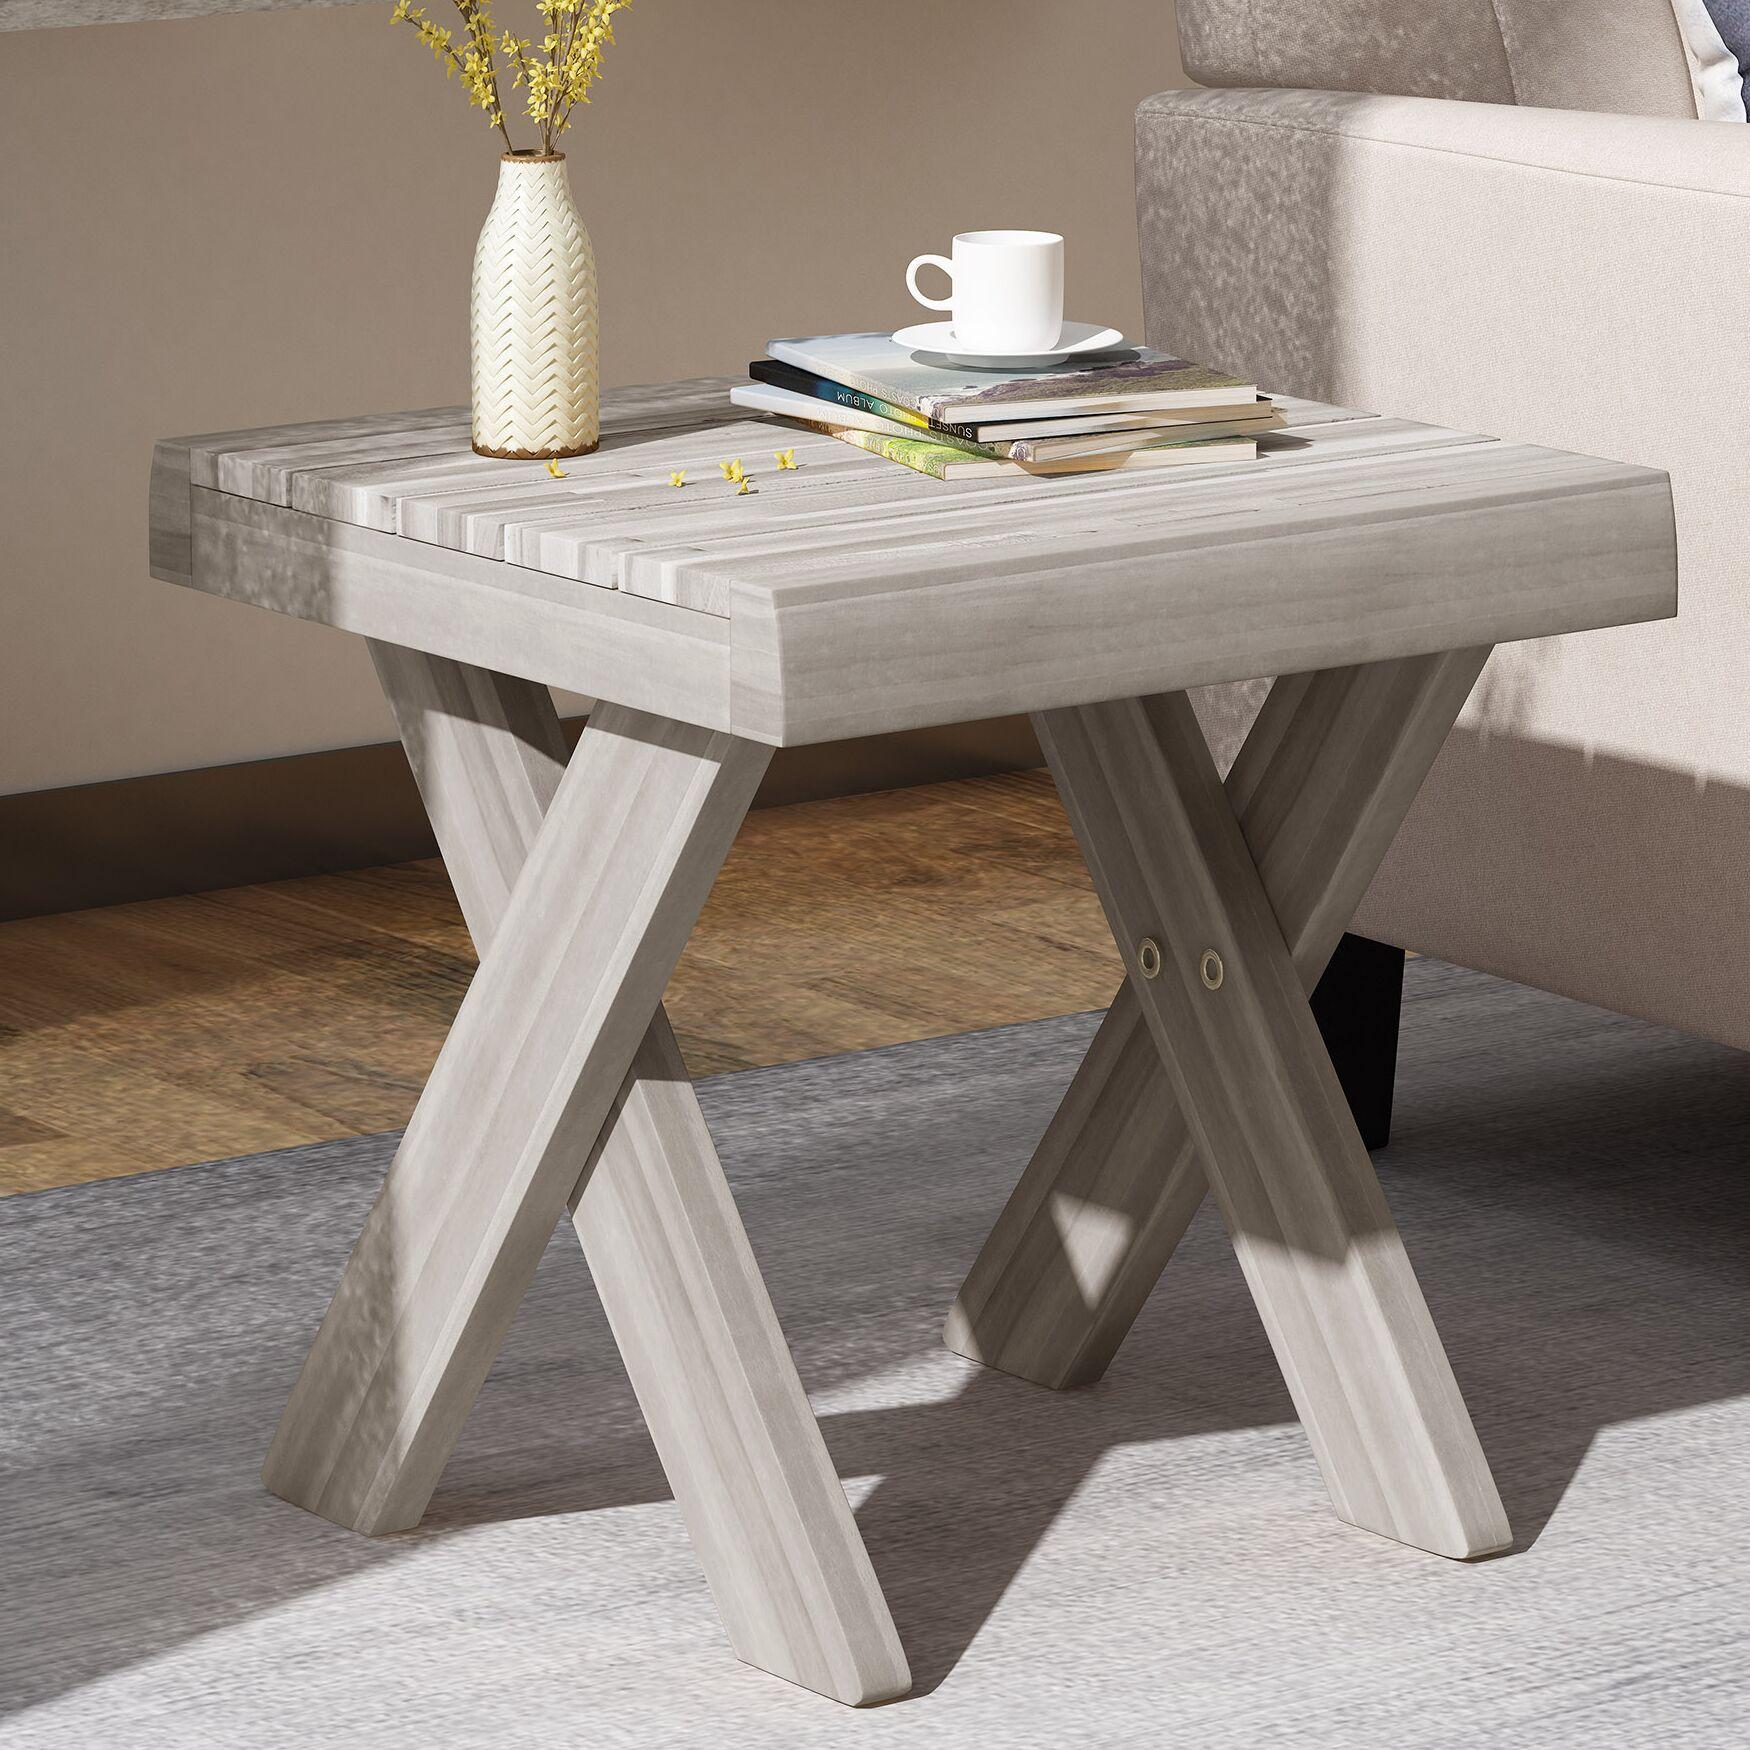 Indoor Farmhouse Acacia Wood End Table Color: Sandblast Light Gray